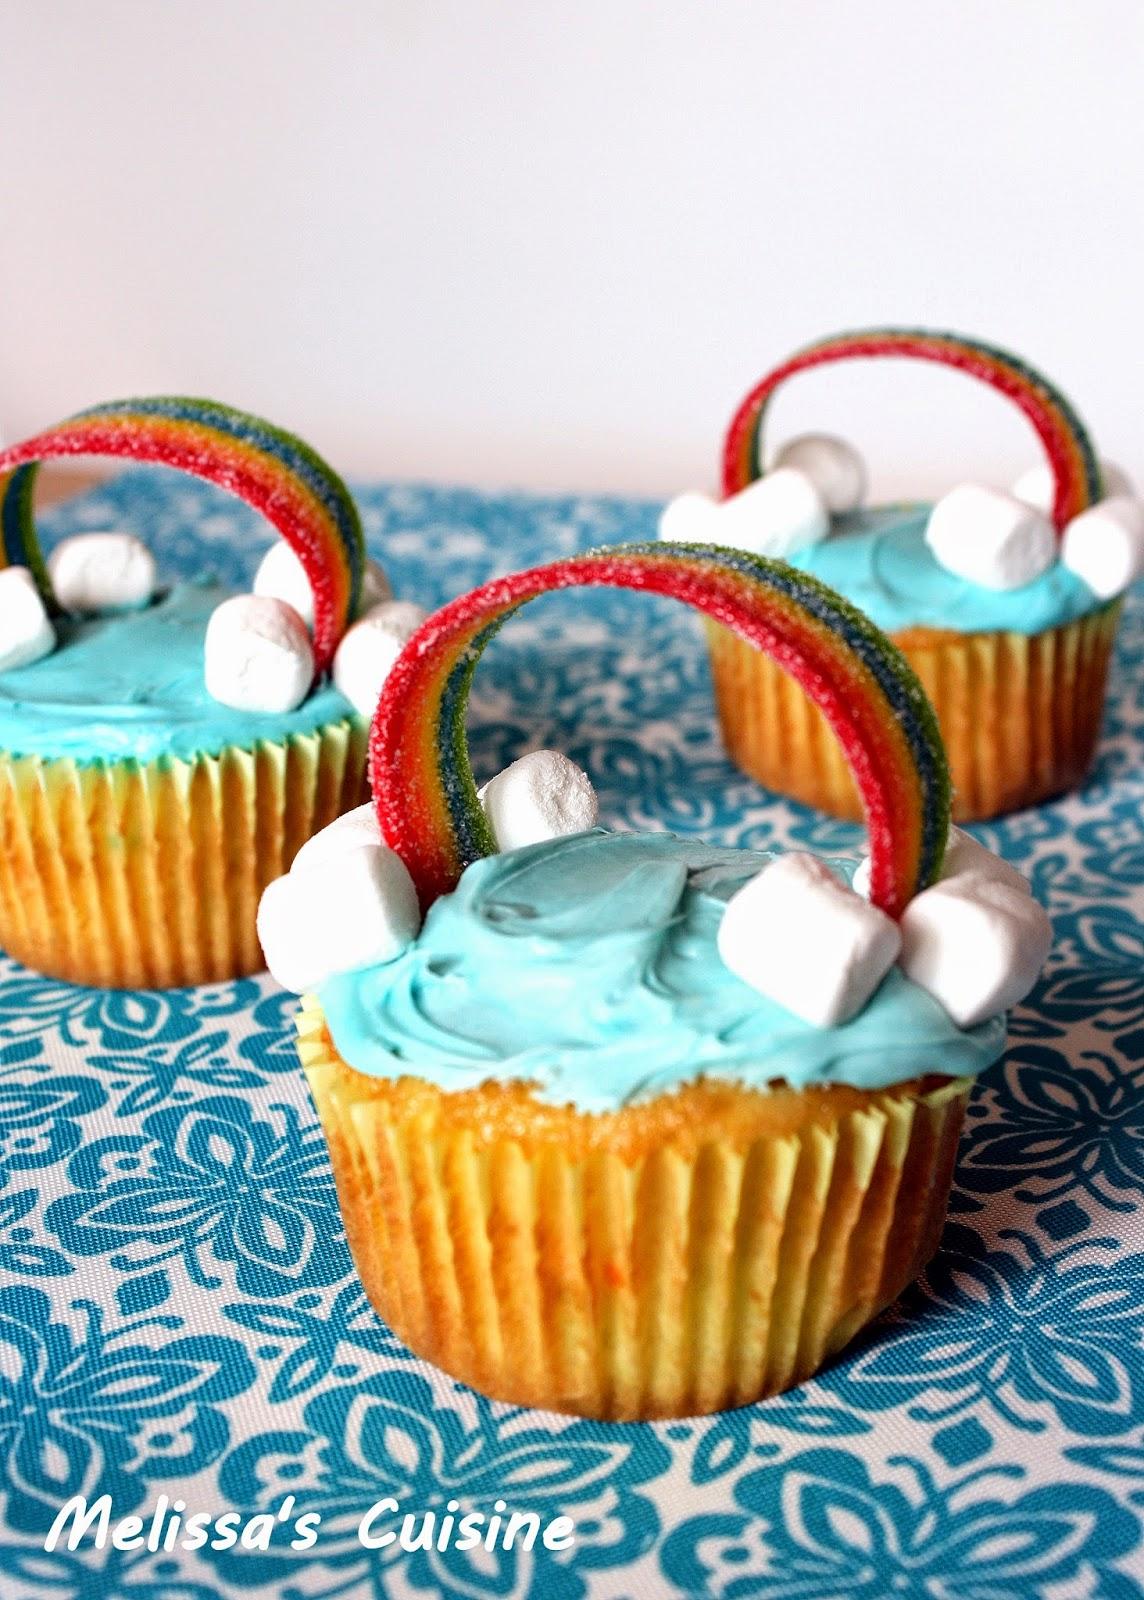 Melissa's Cuisine: Rainbow Cupcakes and Bird's Egg Cupcakes